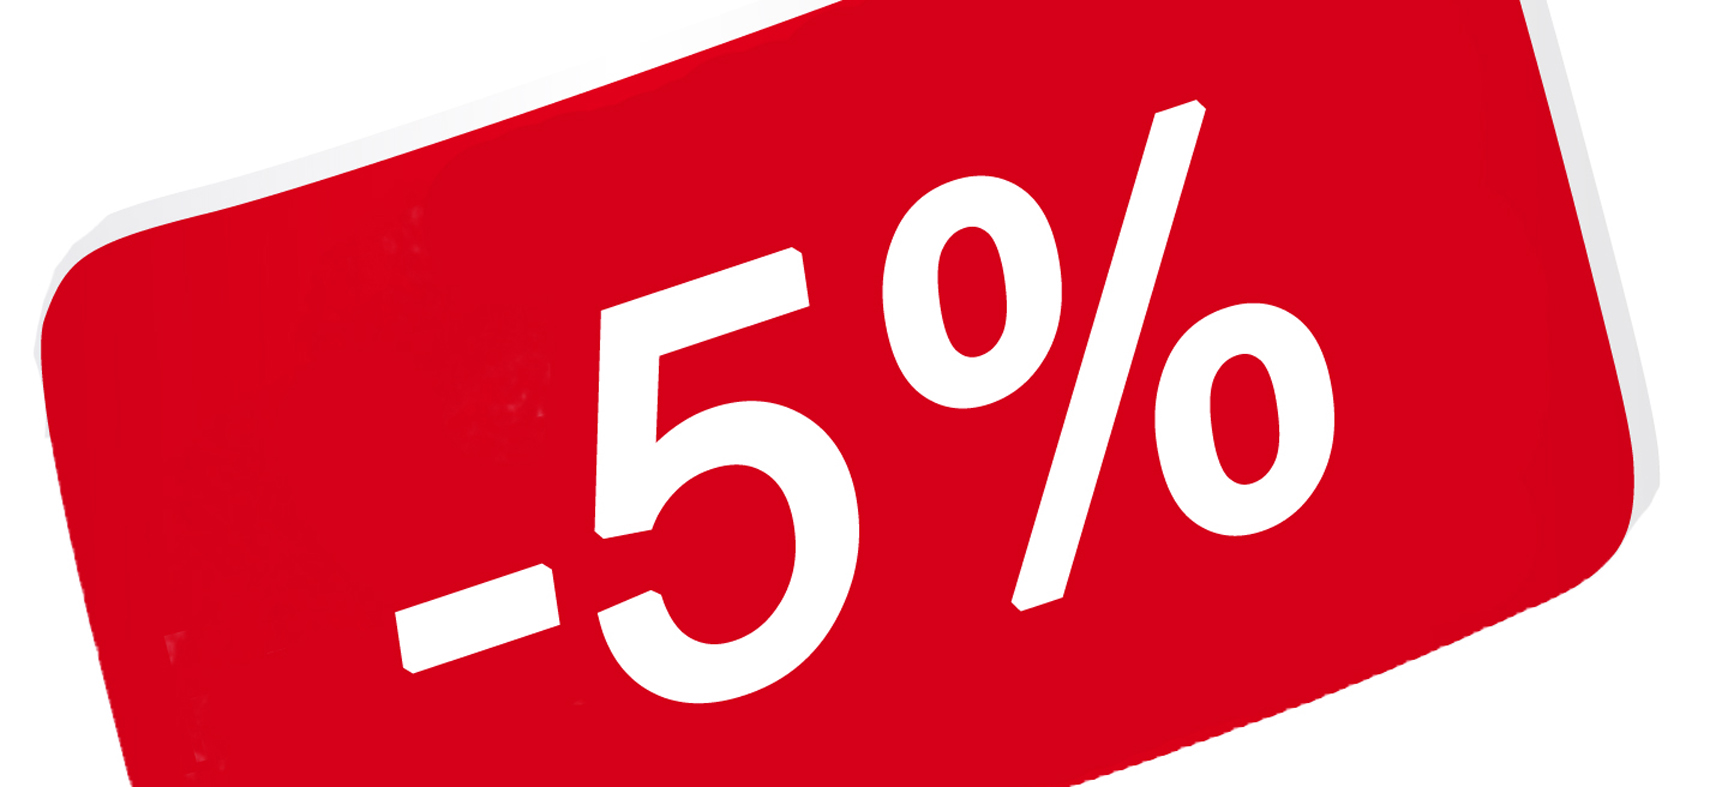 С 1 января 2018 года устанавливается постоянная скидка 5% для незащищенных слоев населения